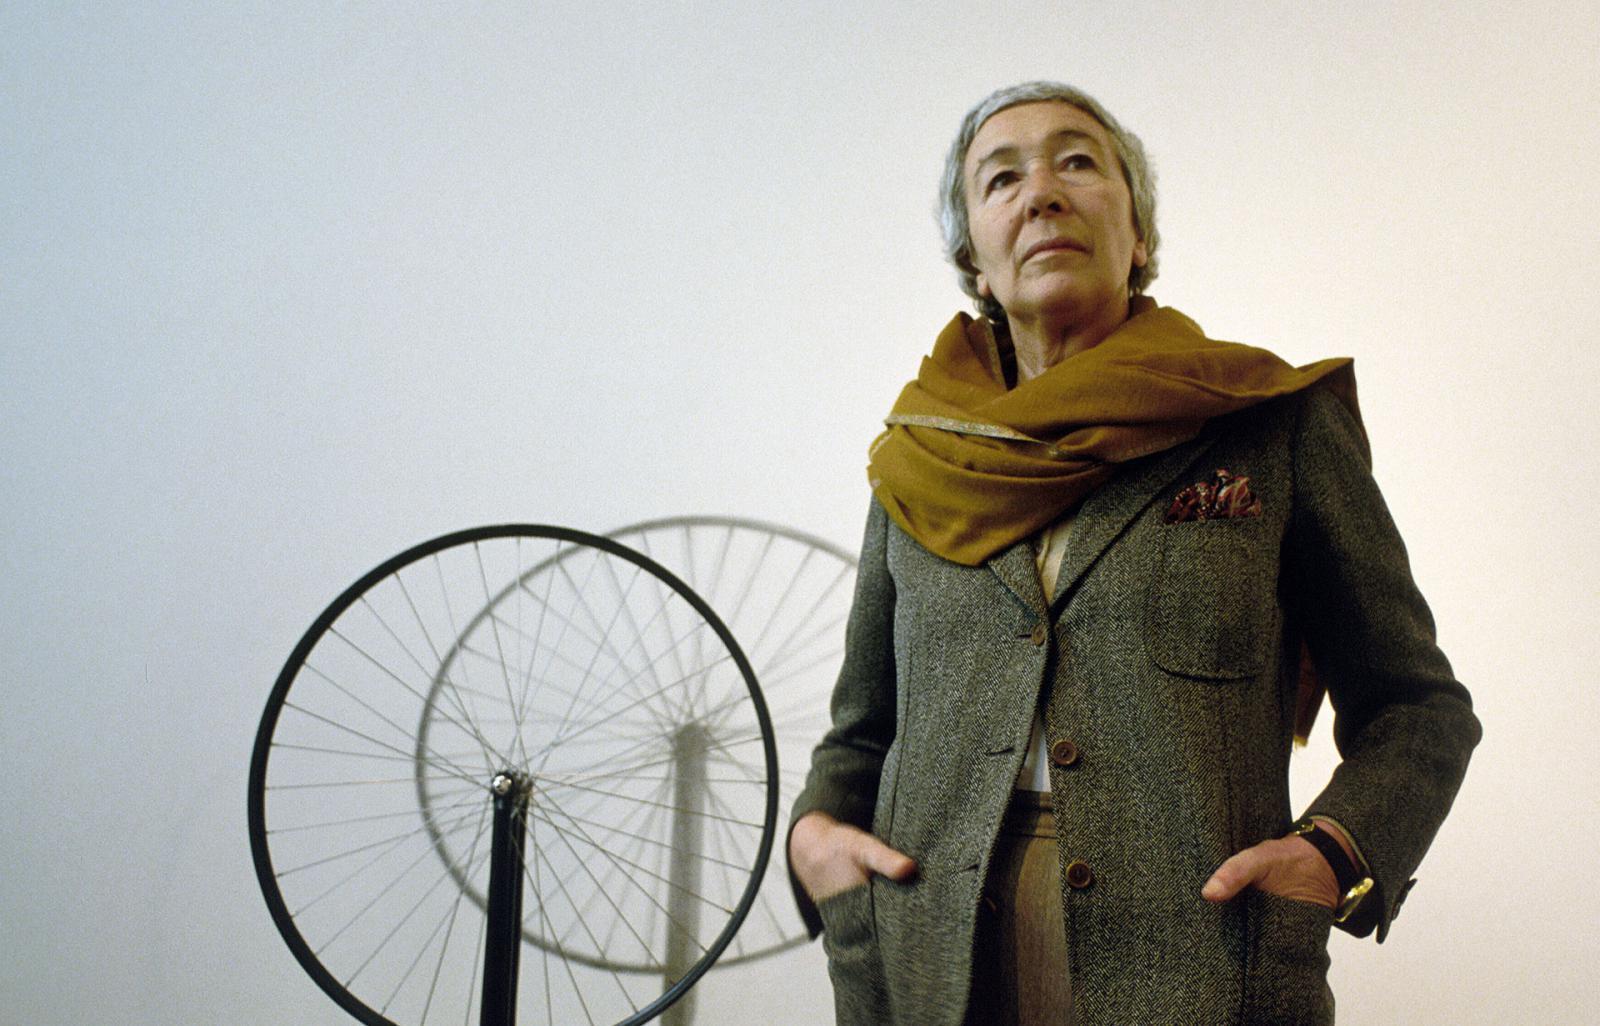 Архитектор Гаэ Ауленти: «если мода диктует красное, я сразу надену зеленое»